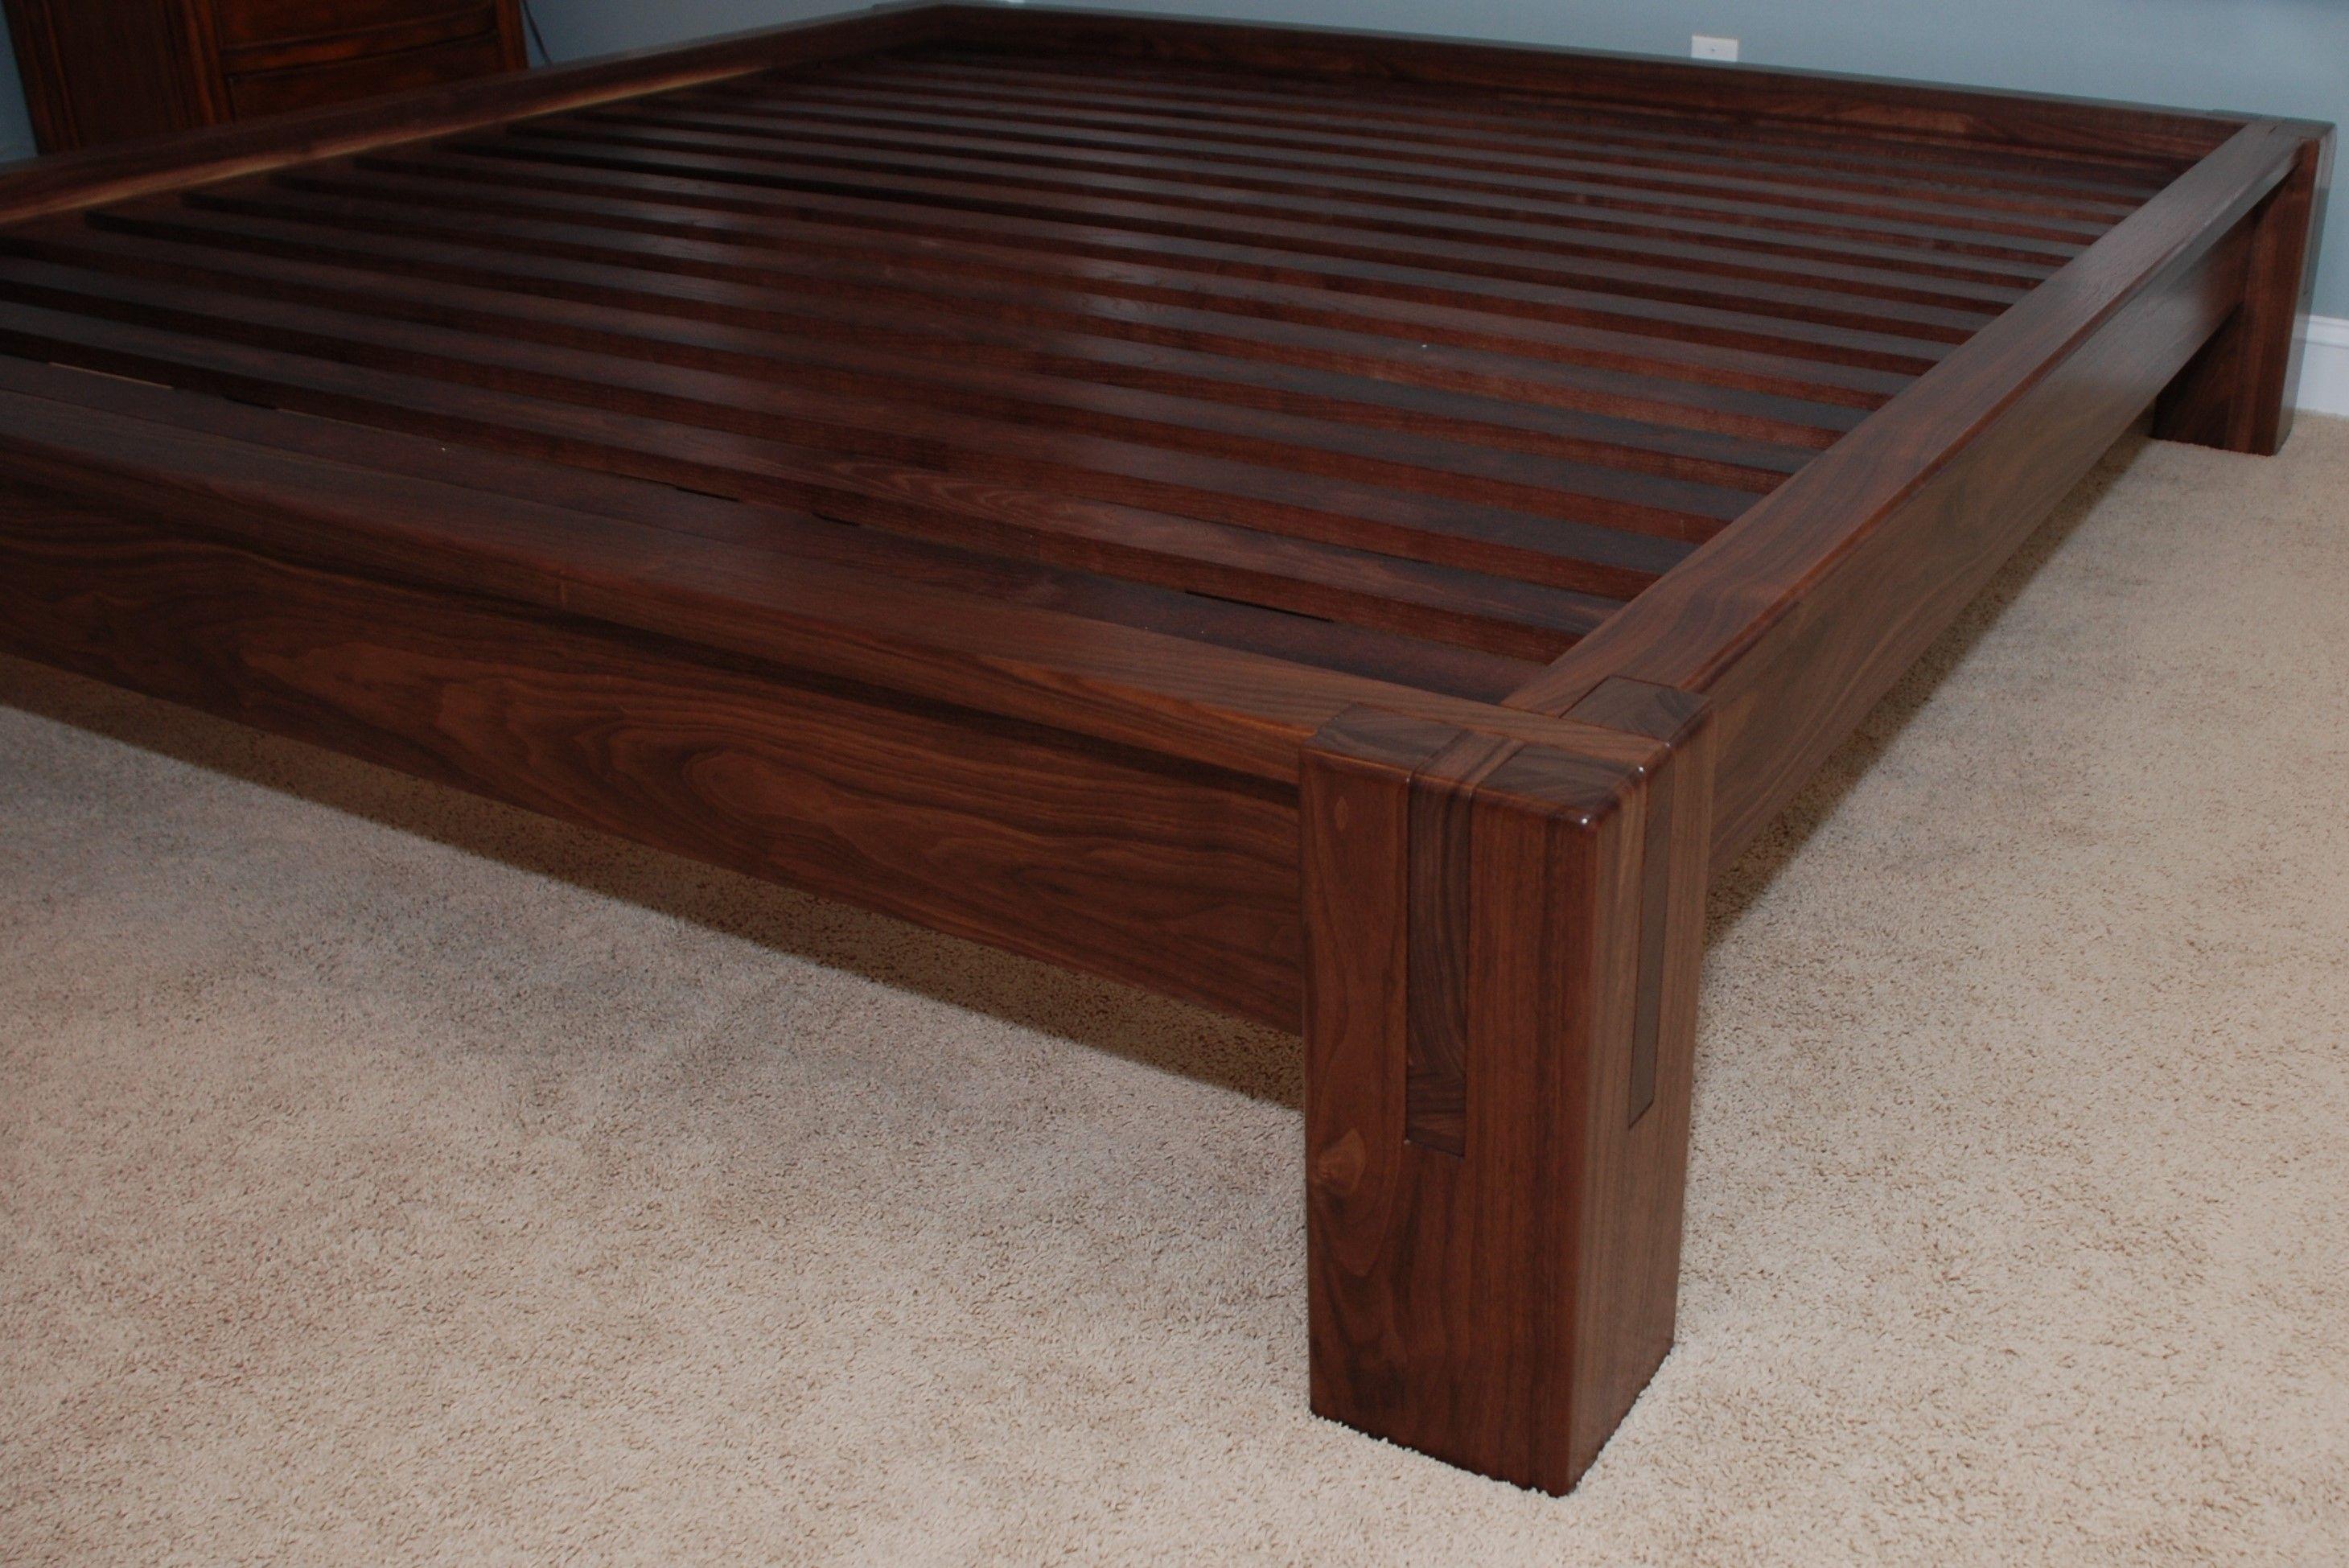 Hand Crafted Slatted Platform Bed Walnut By Belak Woodworking Llc Custommade Com